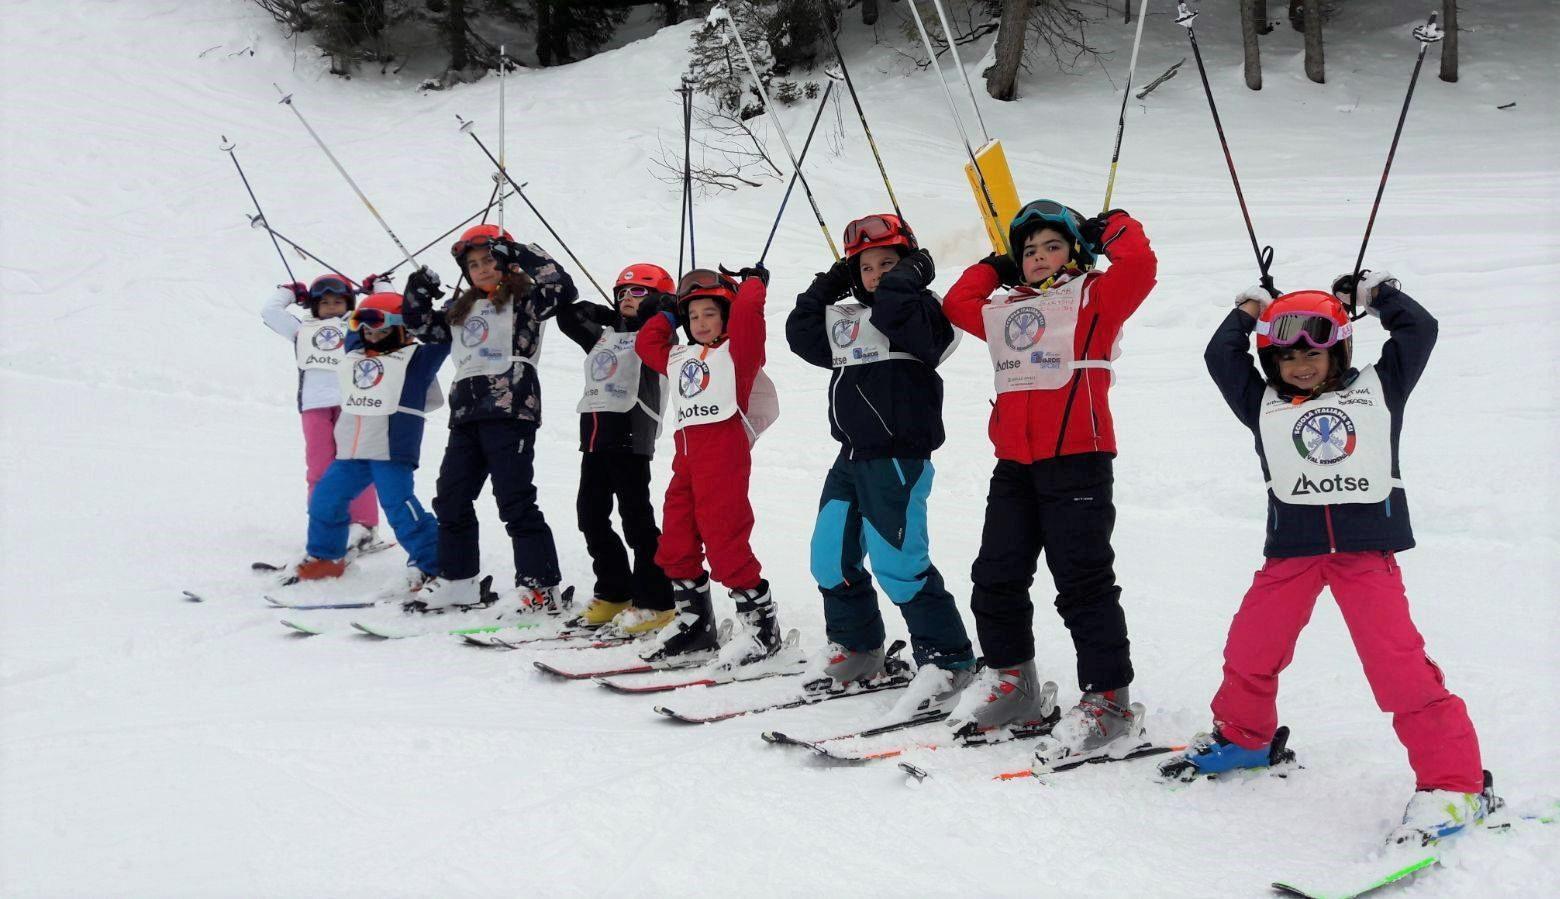 Cours de ski pour Enfants dès 6 ans - Premier cours